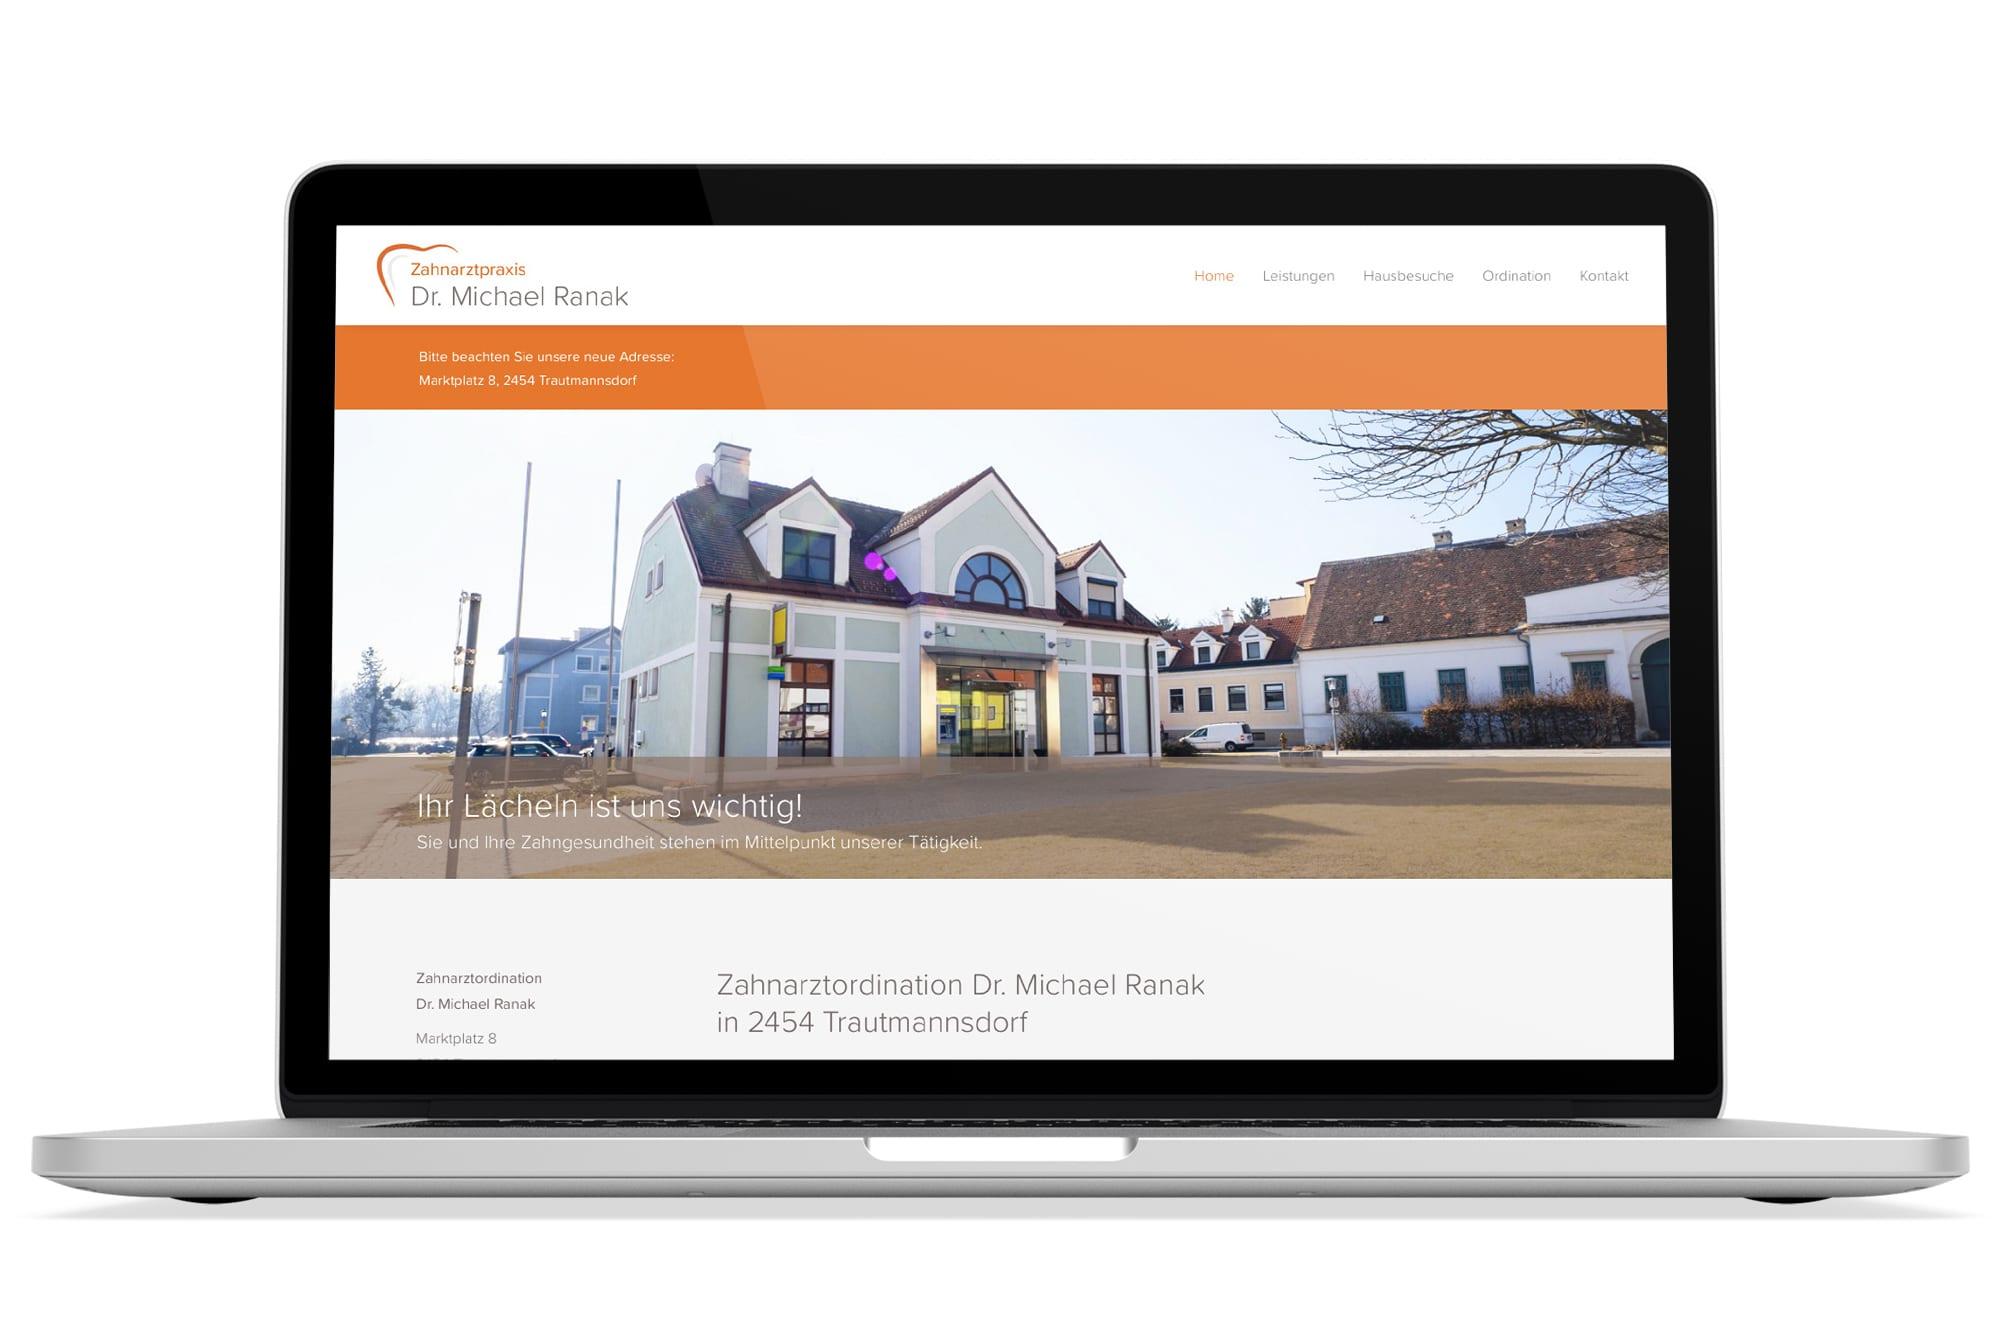 Webdesign Beispiel: Logodesign, Responsive Webdesign für Zahnarzt in Trautmannsdorf